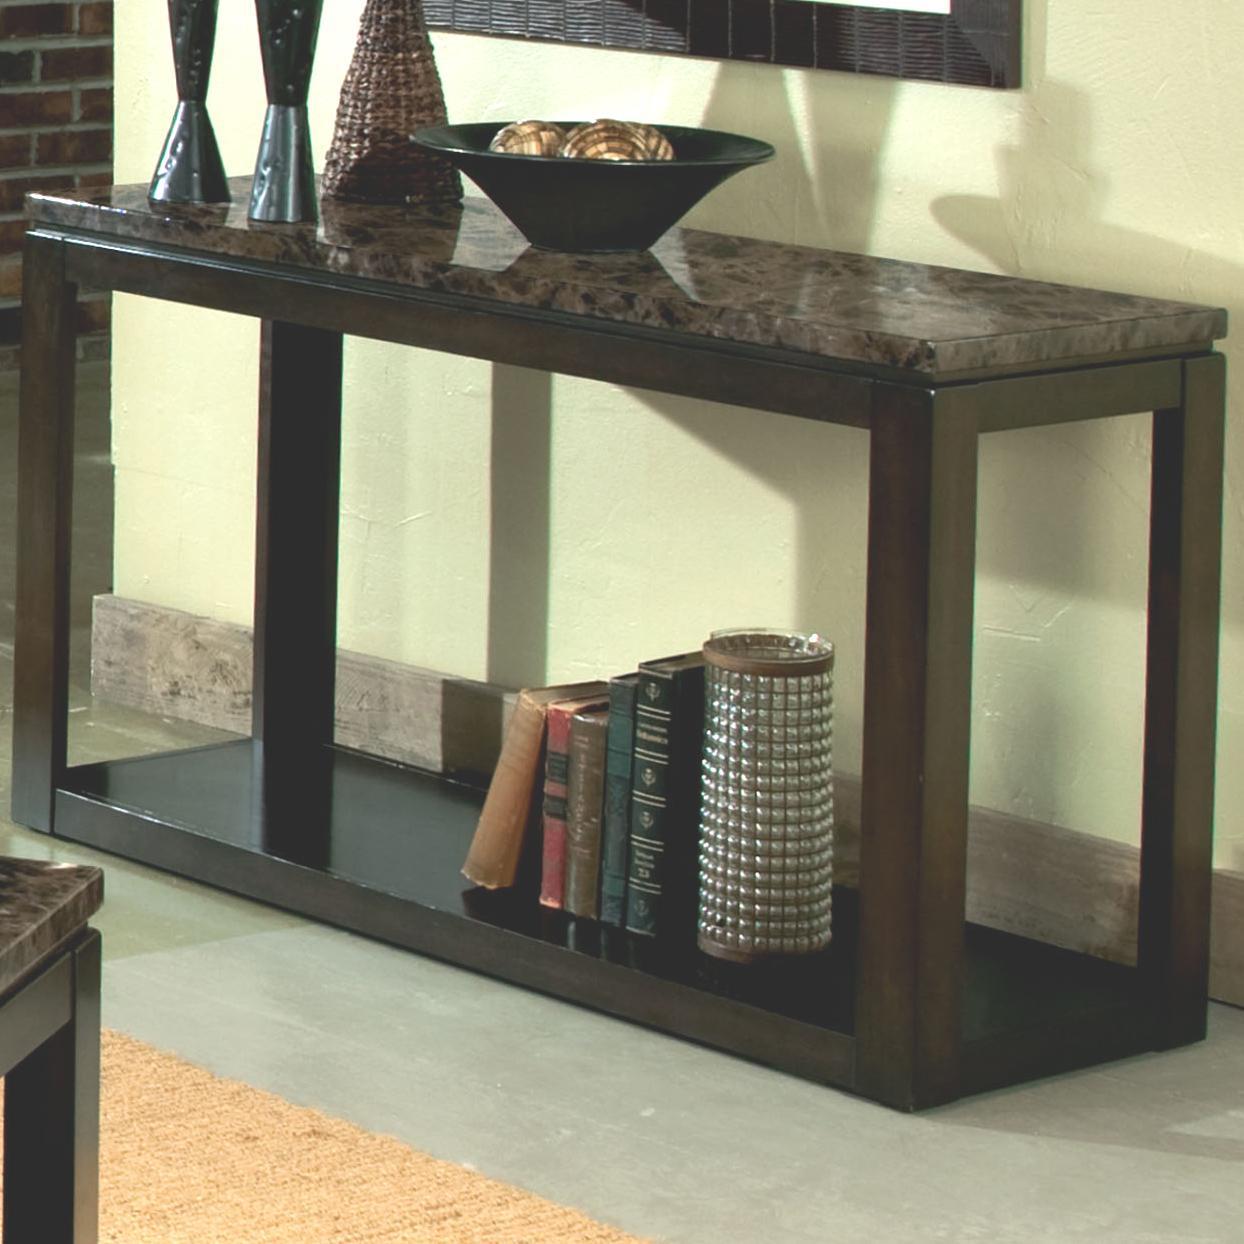 Standard Furniture Bella Sofa Table - Item Number: 23627